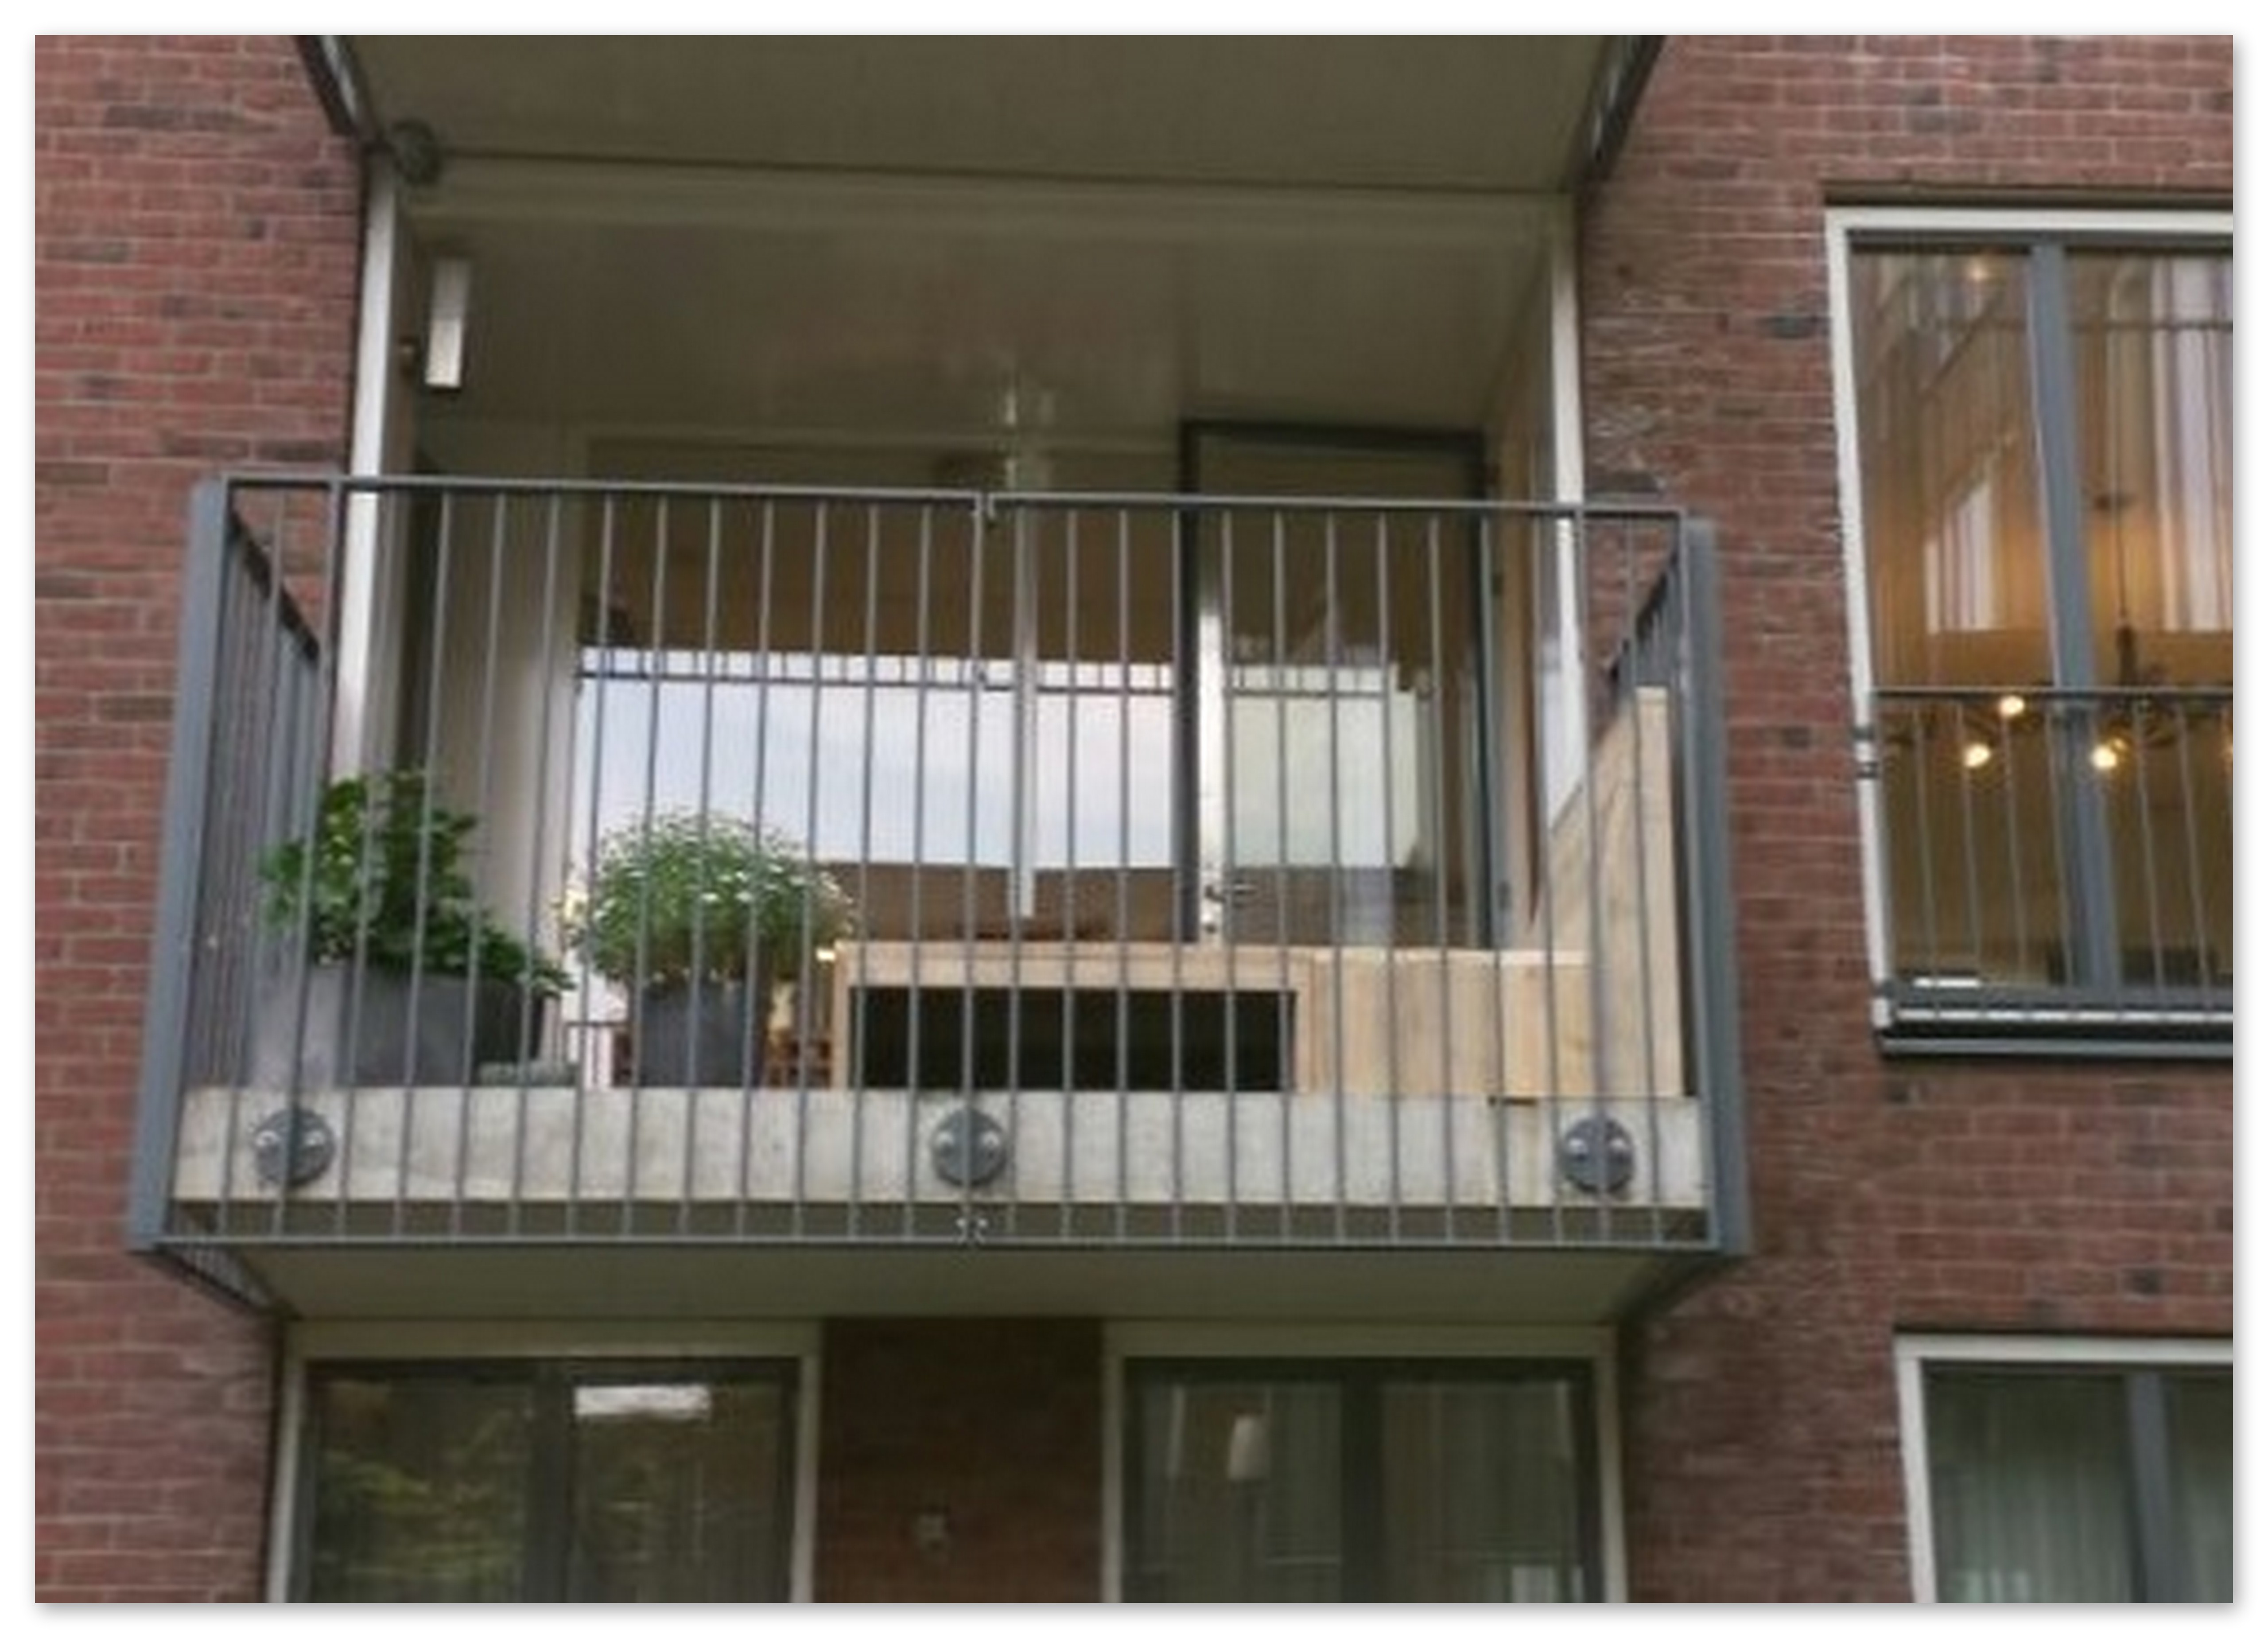 Rieten Balkon Meubels : Rieten balkon meubels u2013 msnoel.com